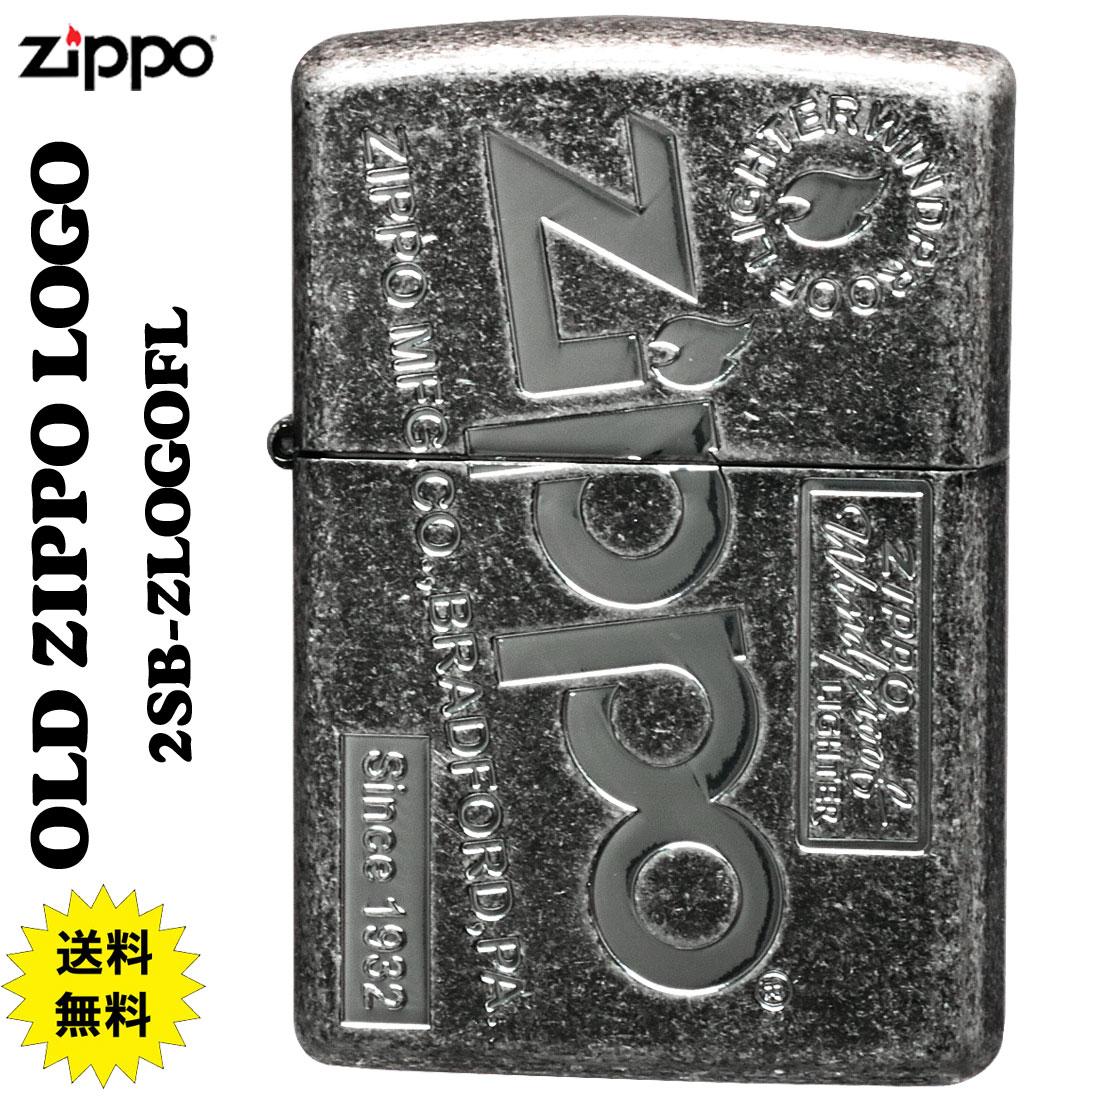 喫煙具, ライター zippo() OLD ZIPPO LOGO 2SB-ZLOGOFL